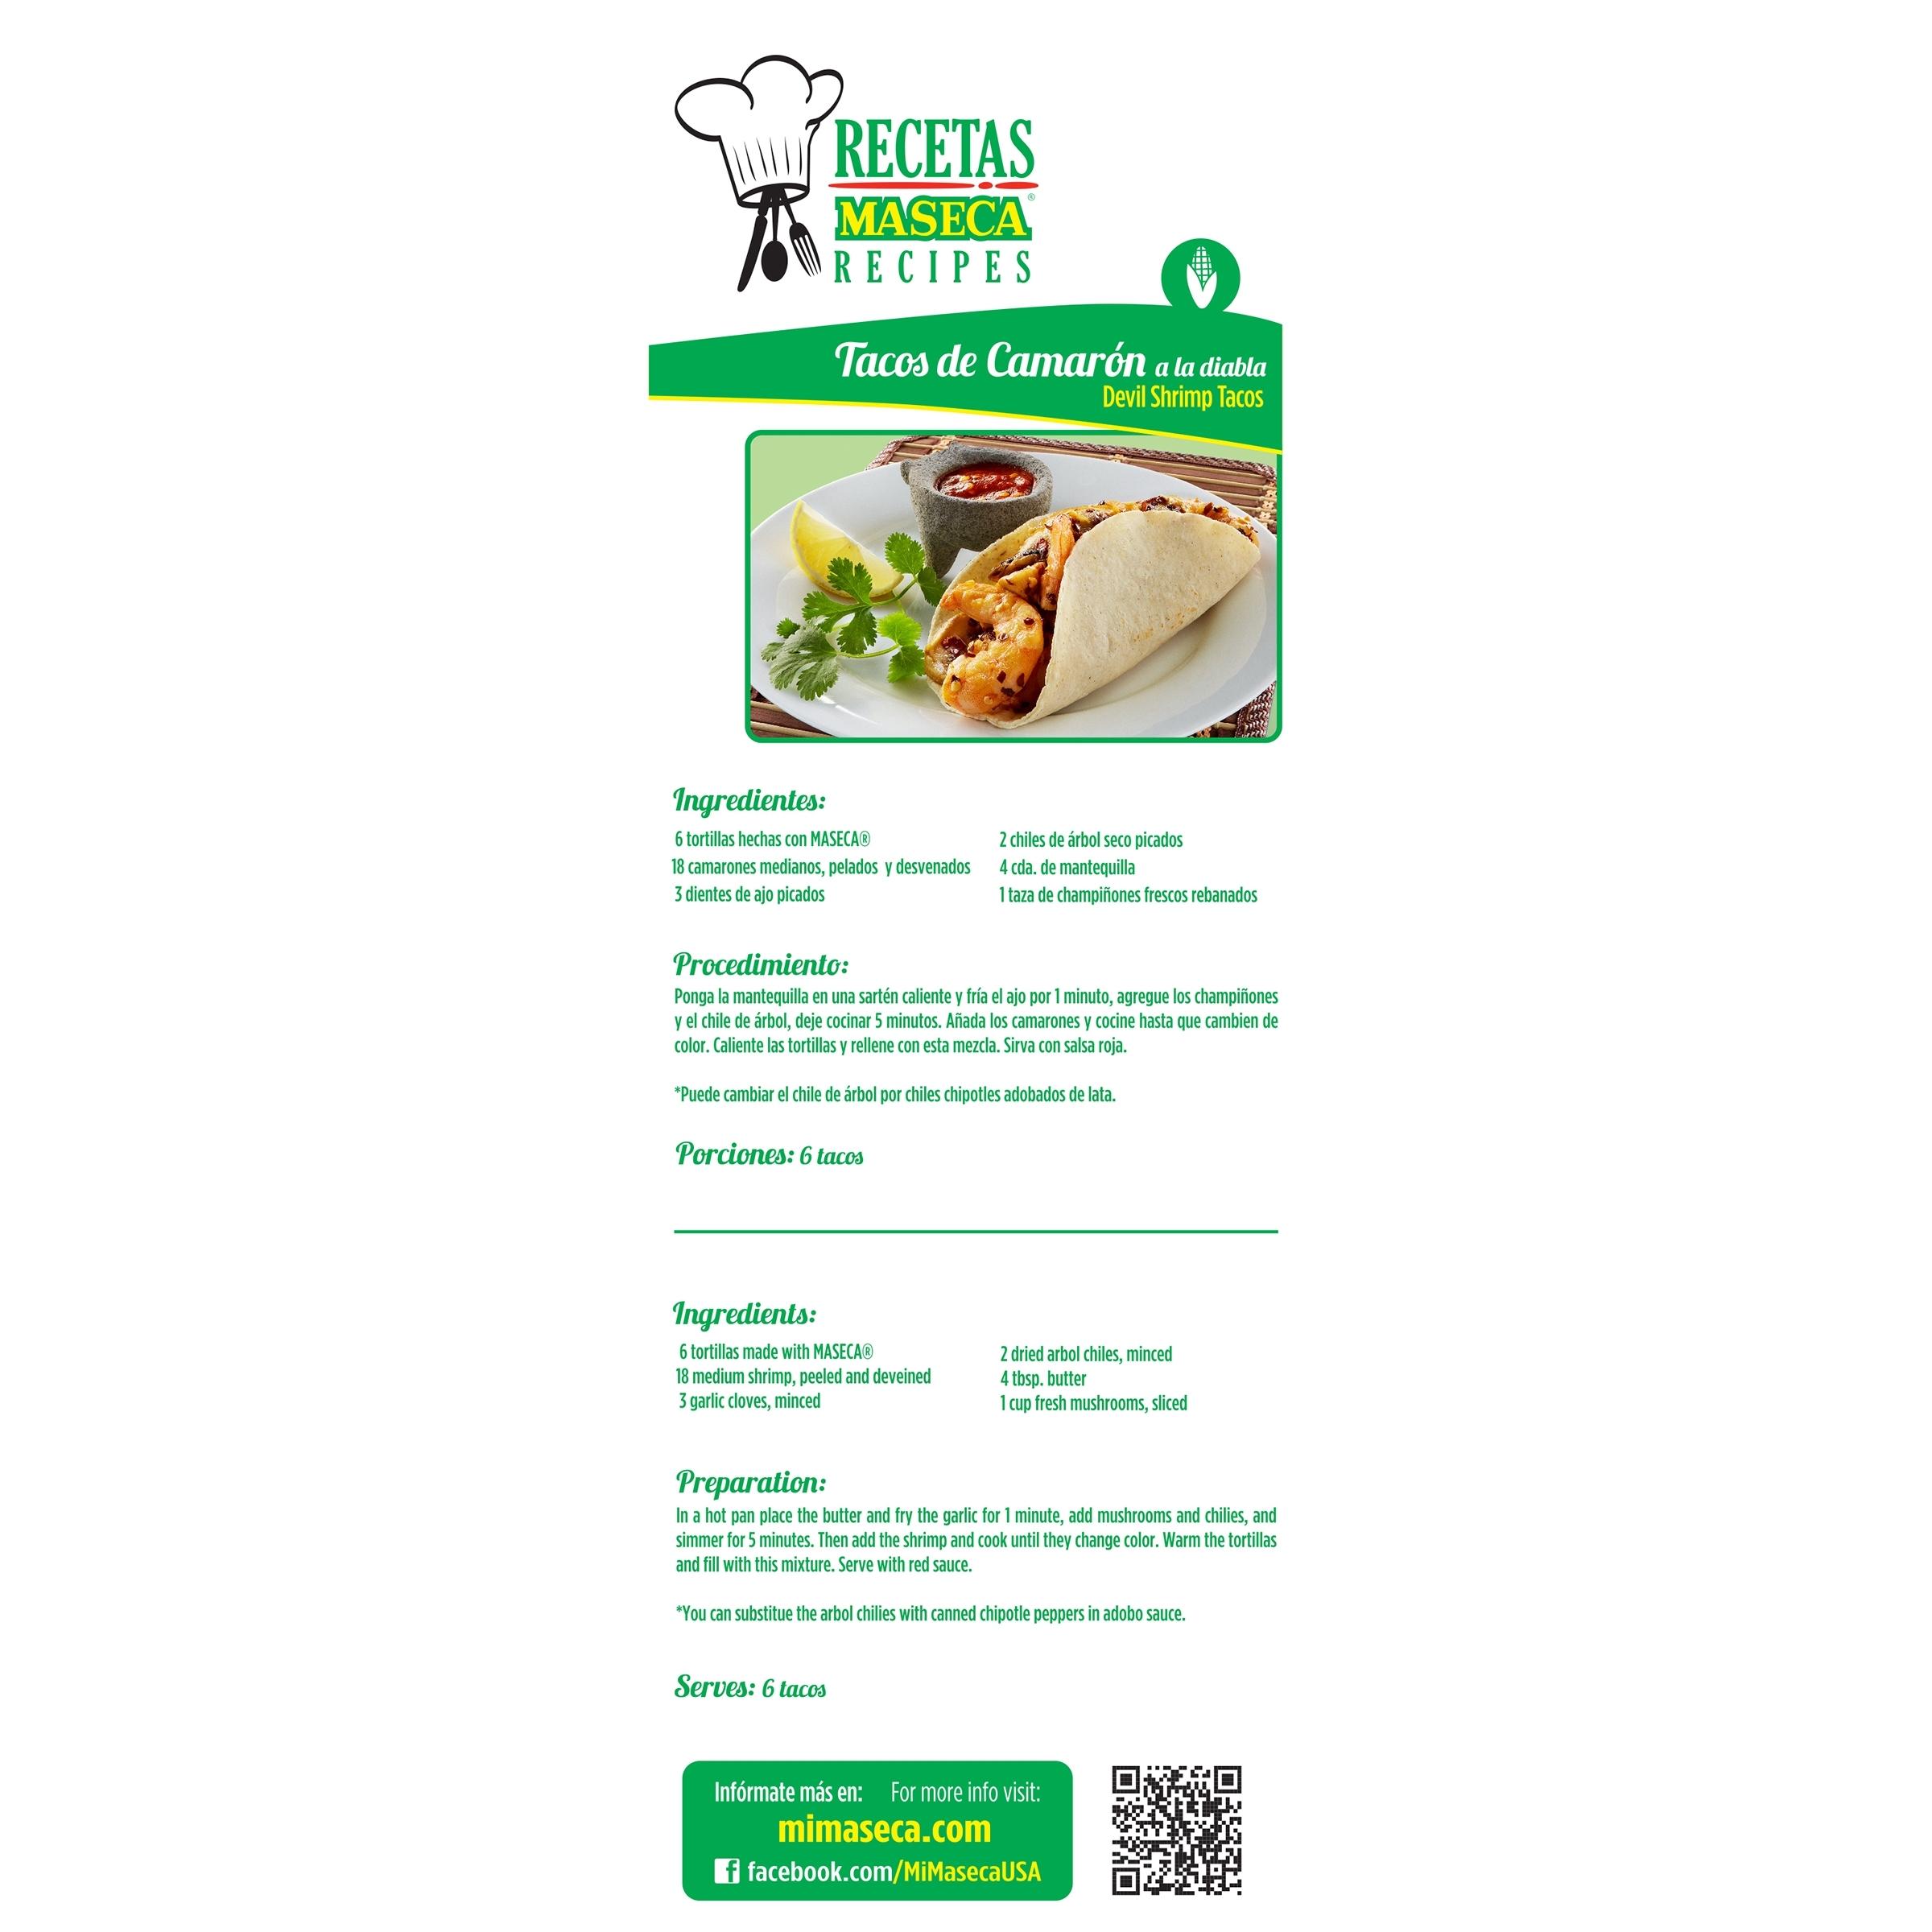 MASECA Instant Corn Masa Flour 4.4 LB